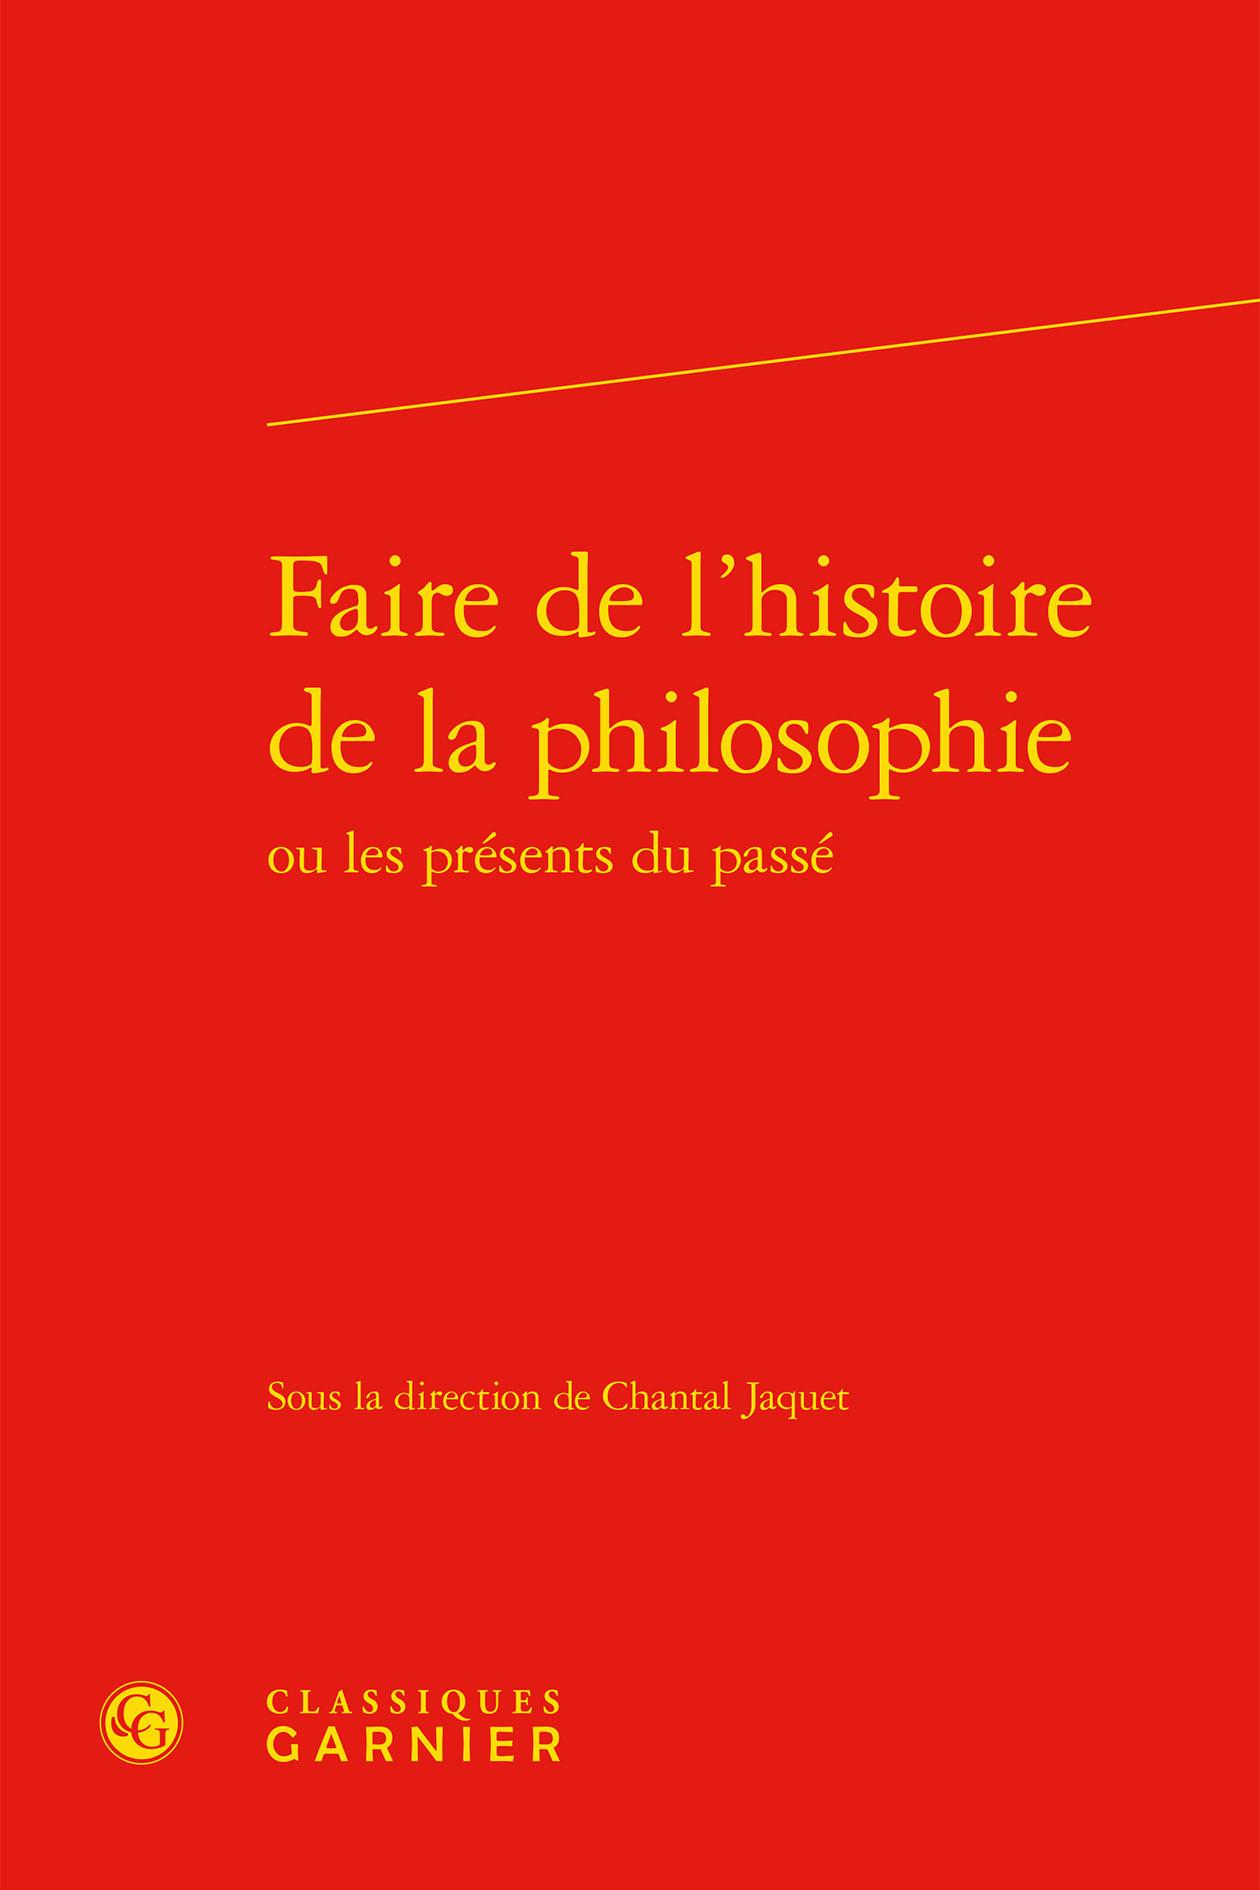 ETUDES DE PHILOSOPHIE - T12 - FAIRE DE L'HISTOIRE DE LA PHILOSOPHIE